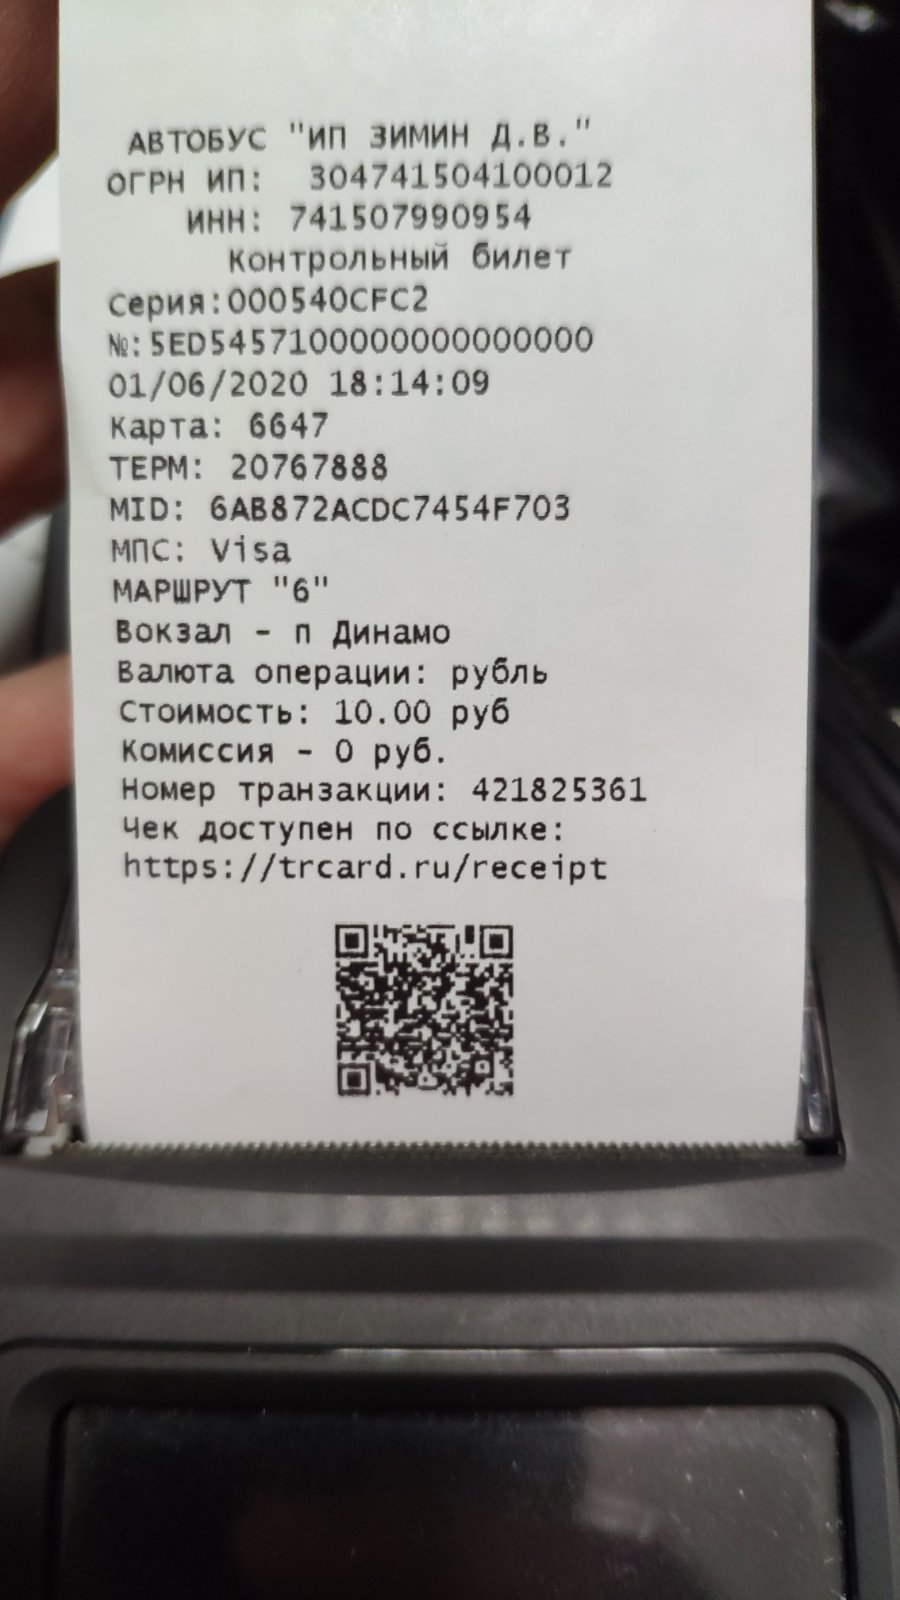 Билет с облачной фискализацией